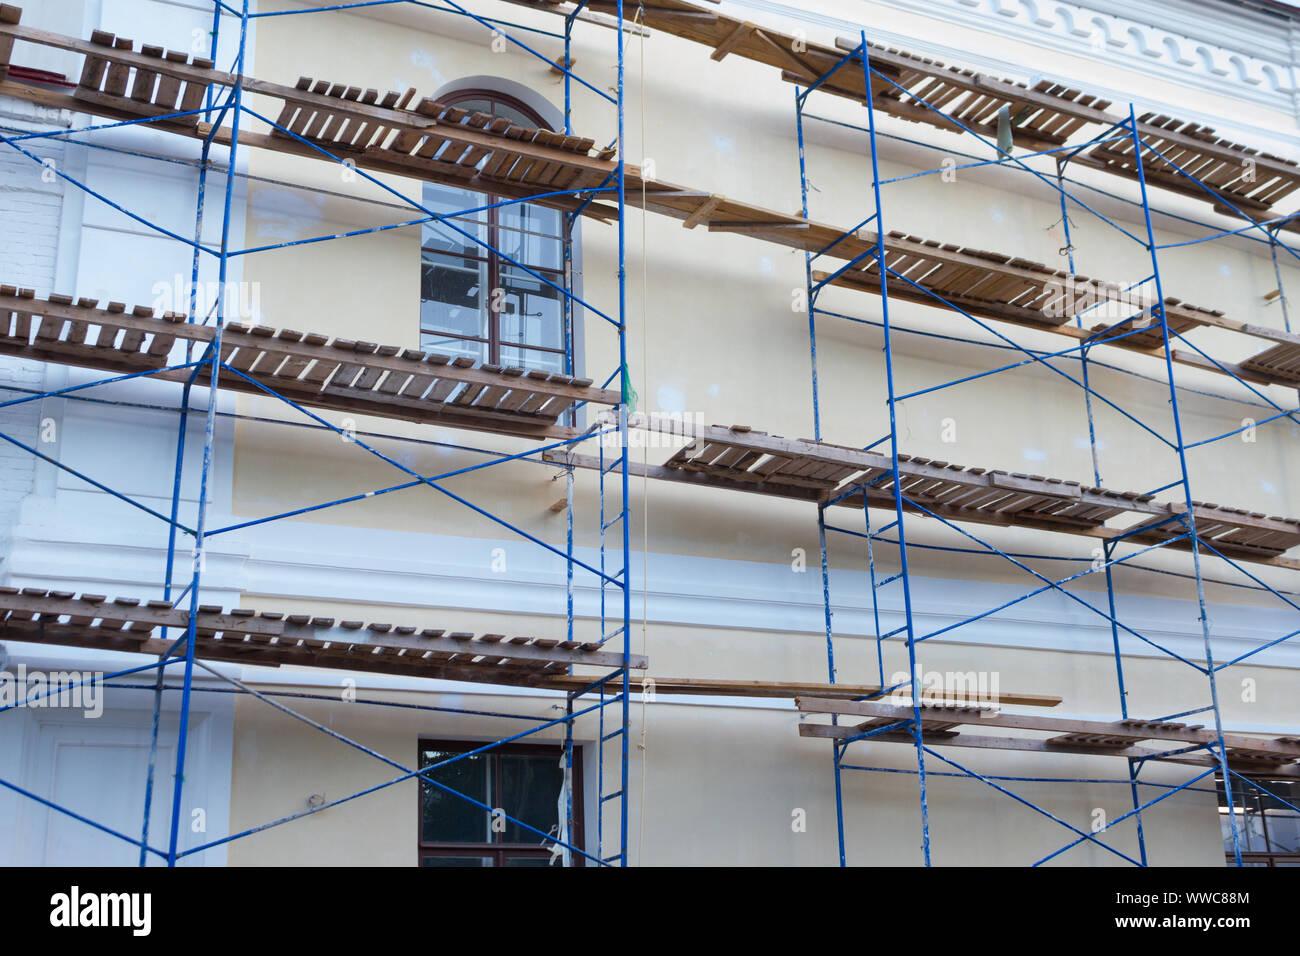 Edificio de apartamentos exterior . Renovación de edificios imagen concepto Foto de stock